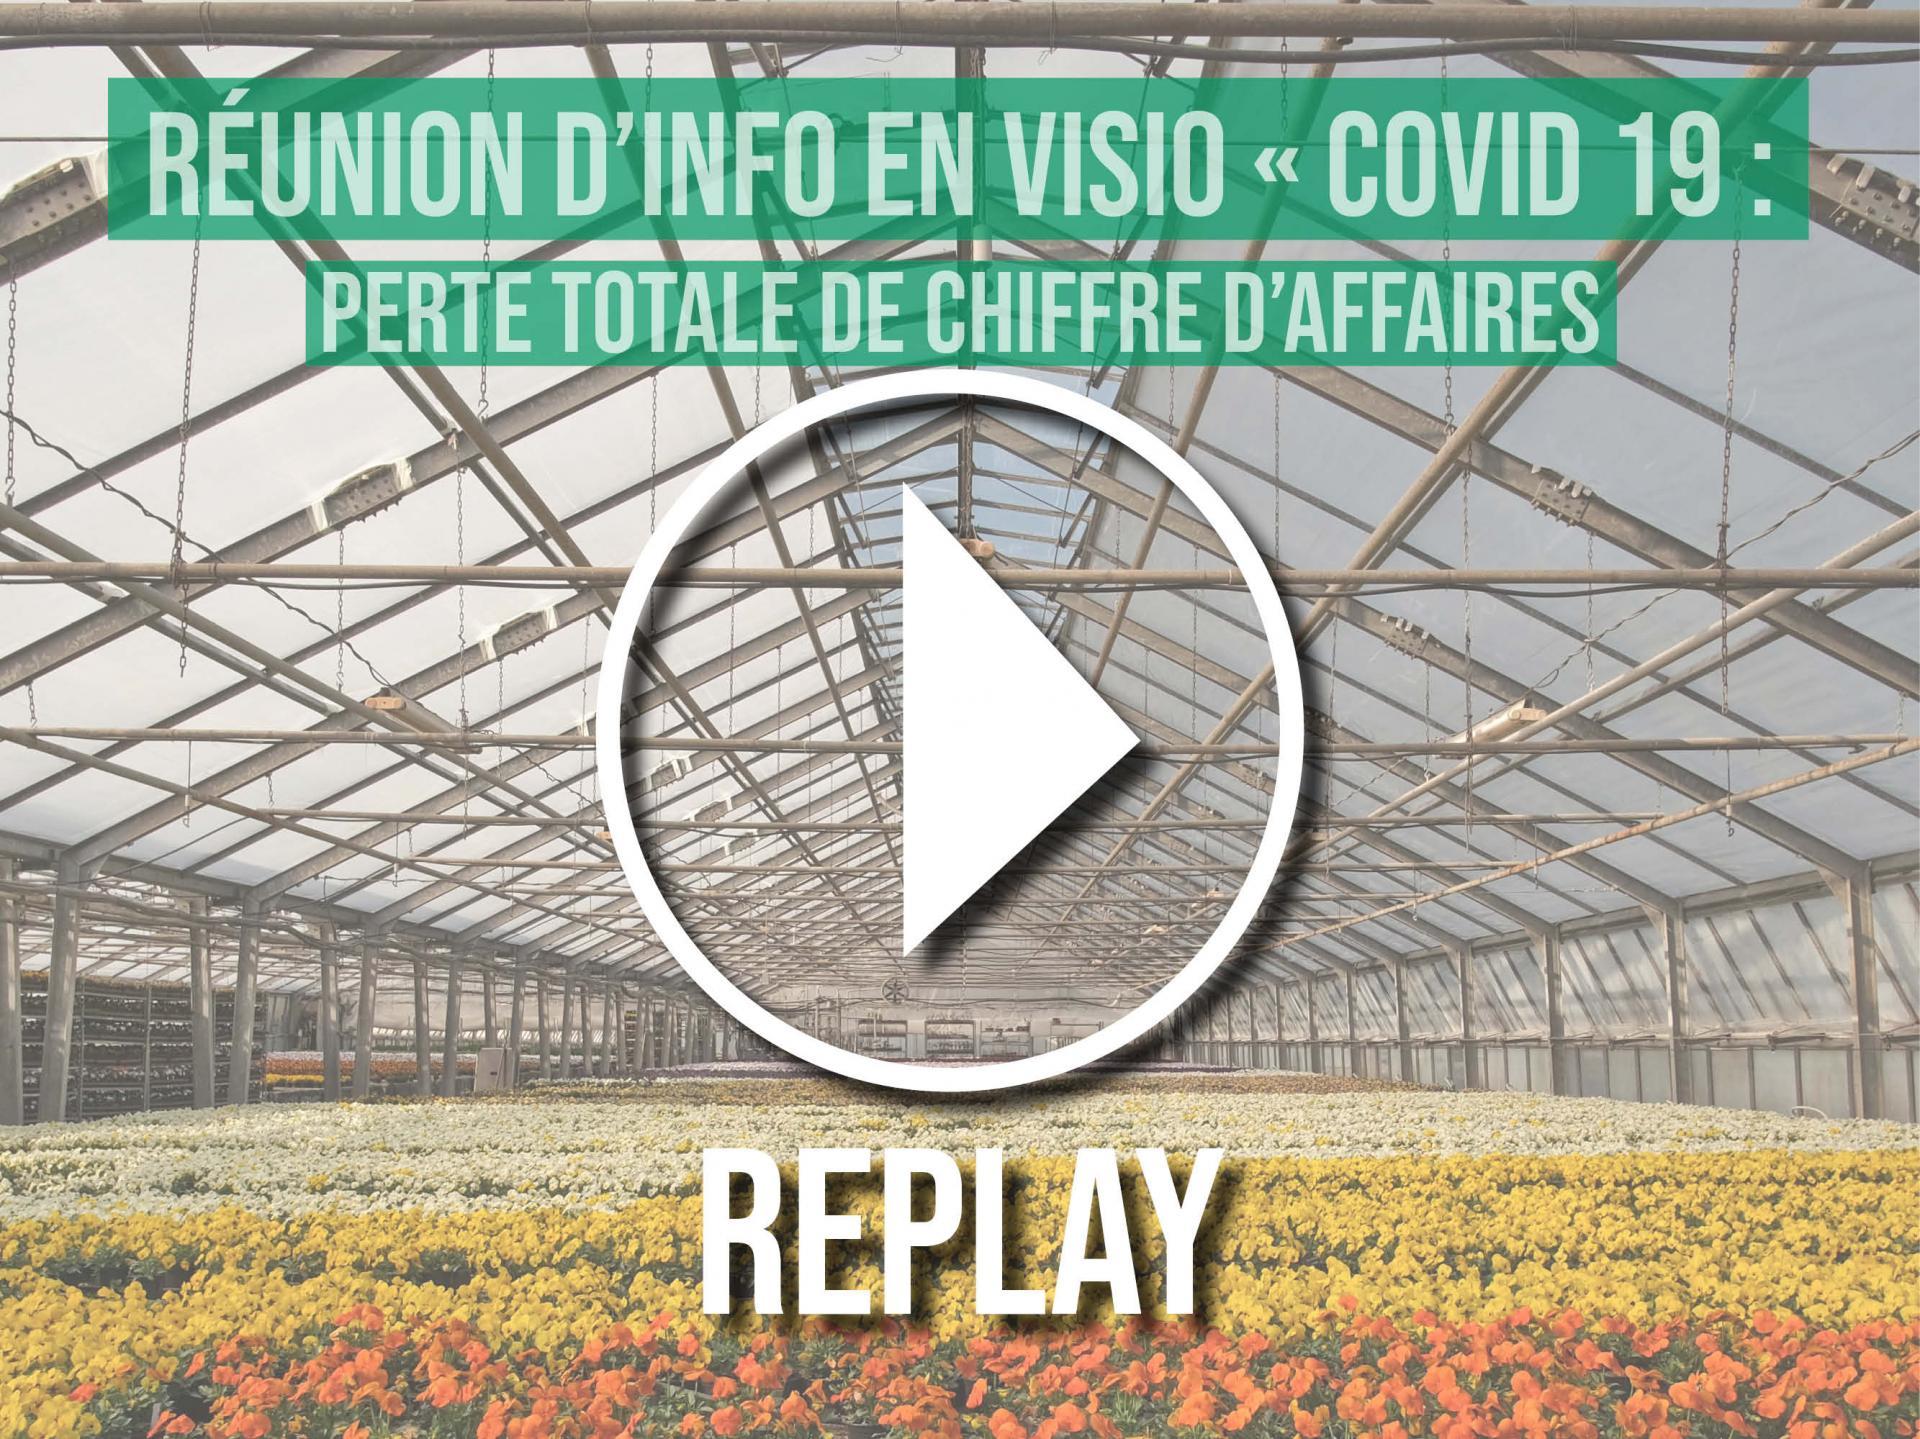 Image reunion d infos replay